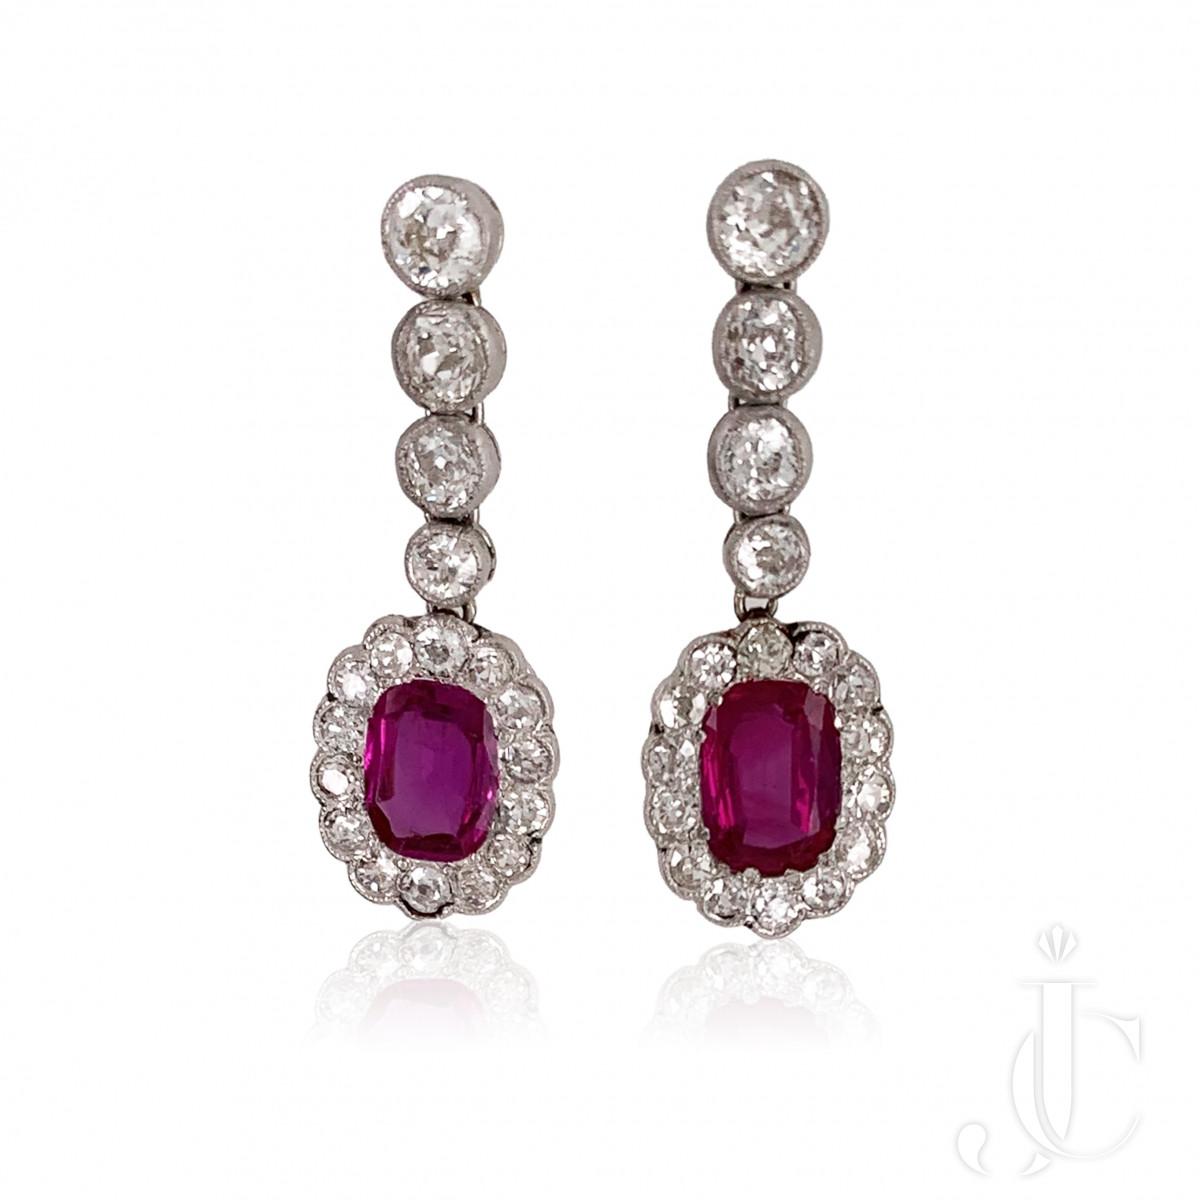 Burma Ruby Diamond Earrings